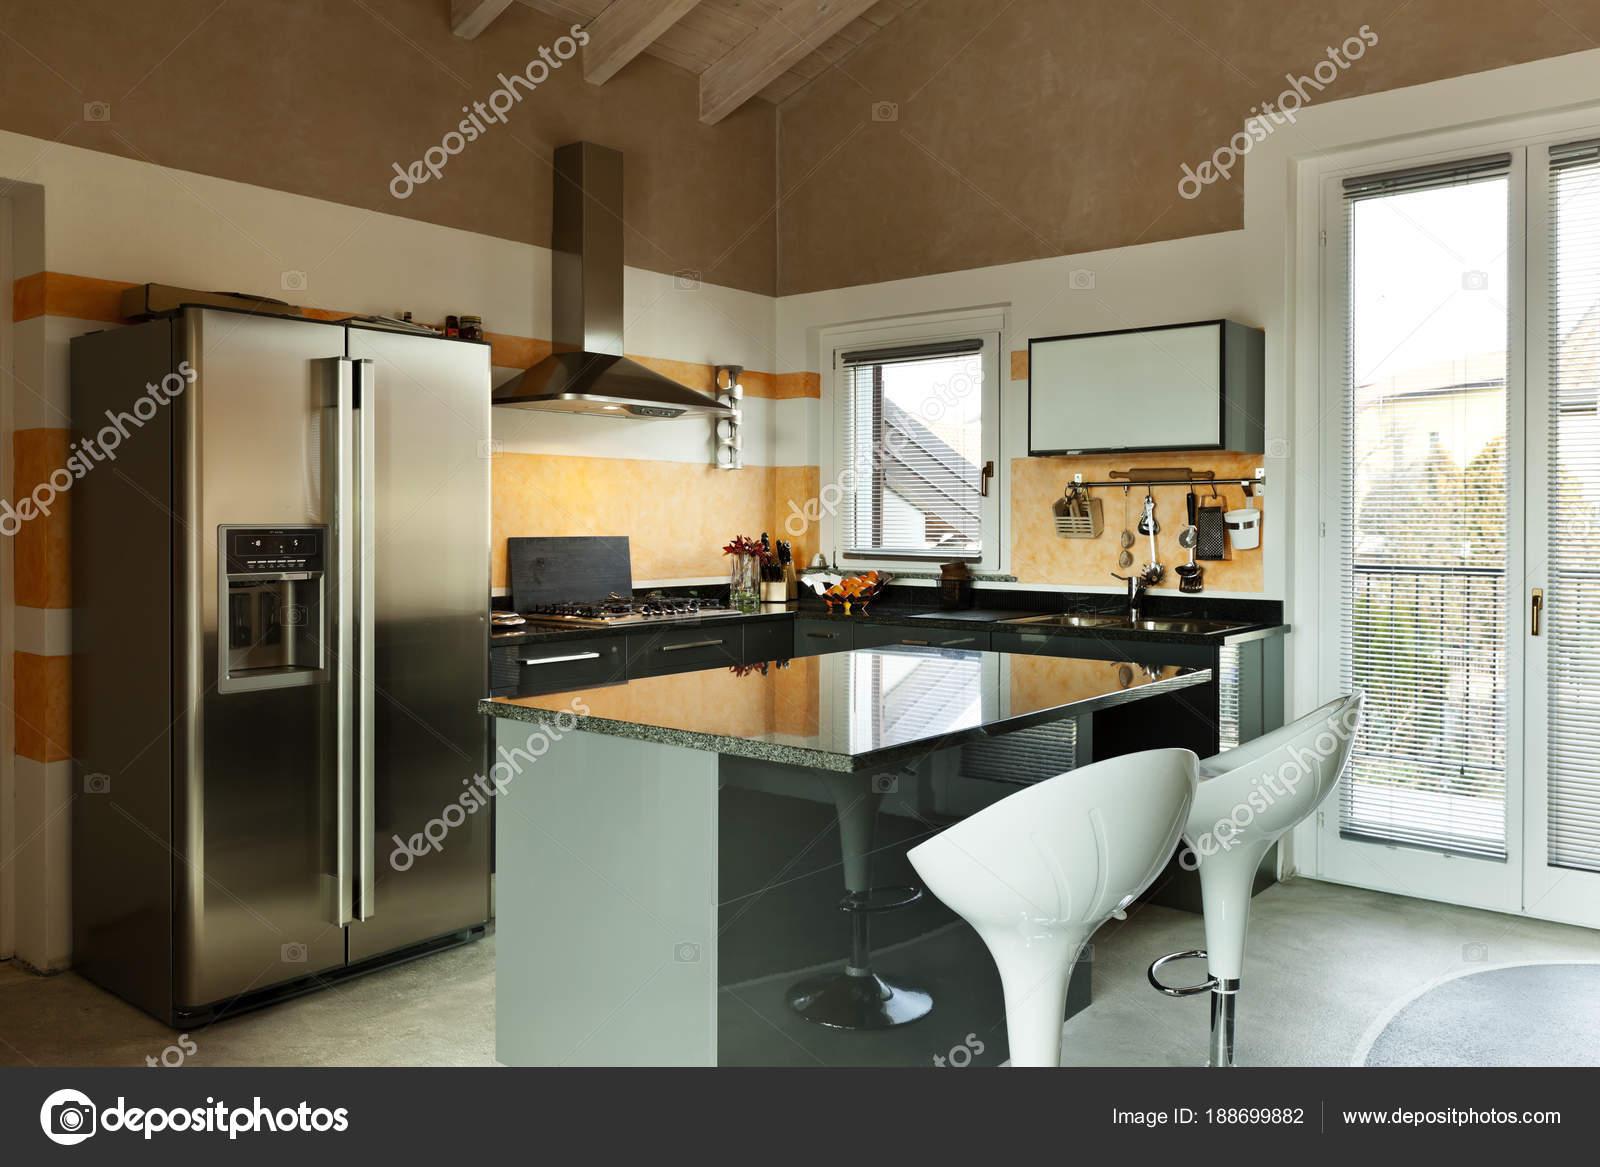 Loft Interior Nova Decorado Ilha De Cozinha Com Duas Cadeiras